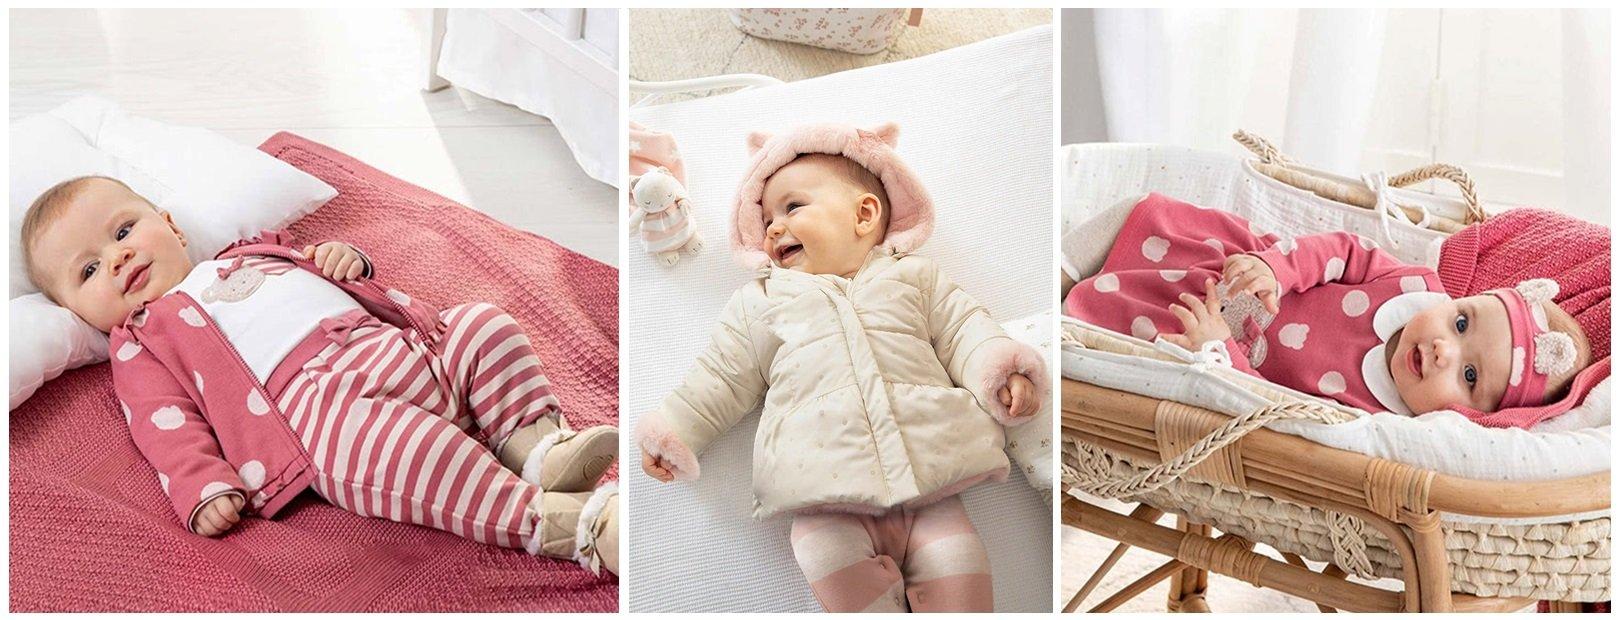 Comprar ropa de Mayoral Newborn